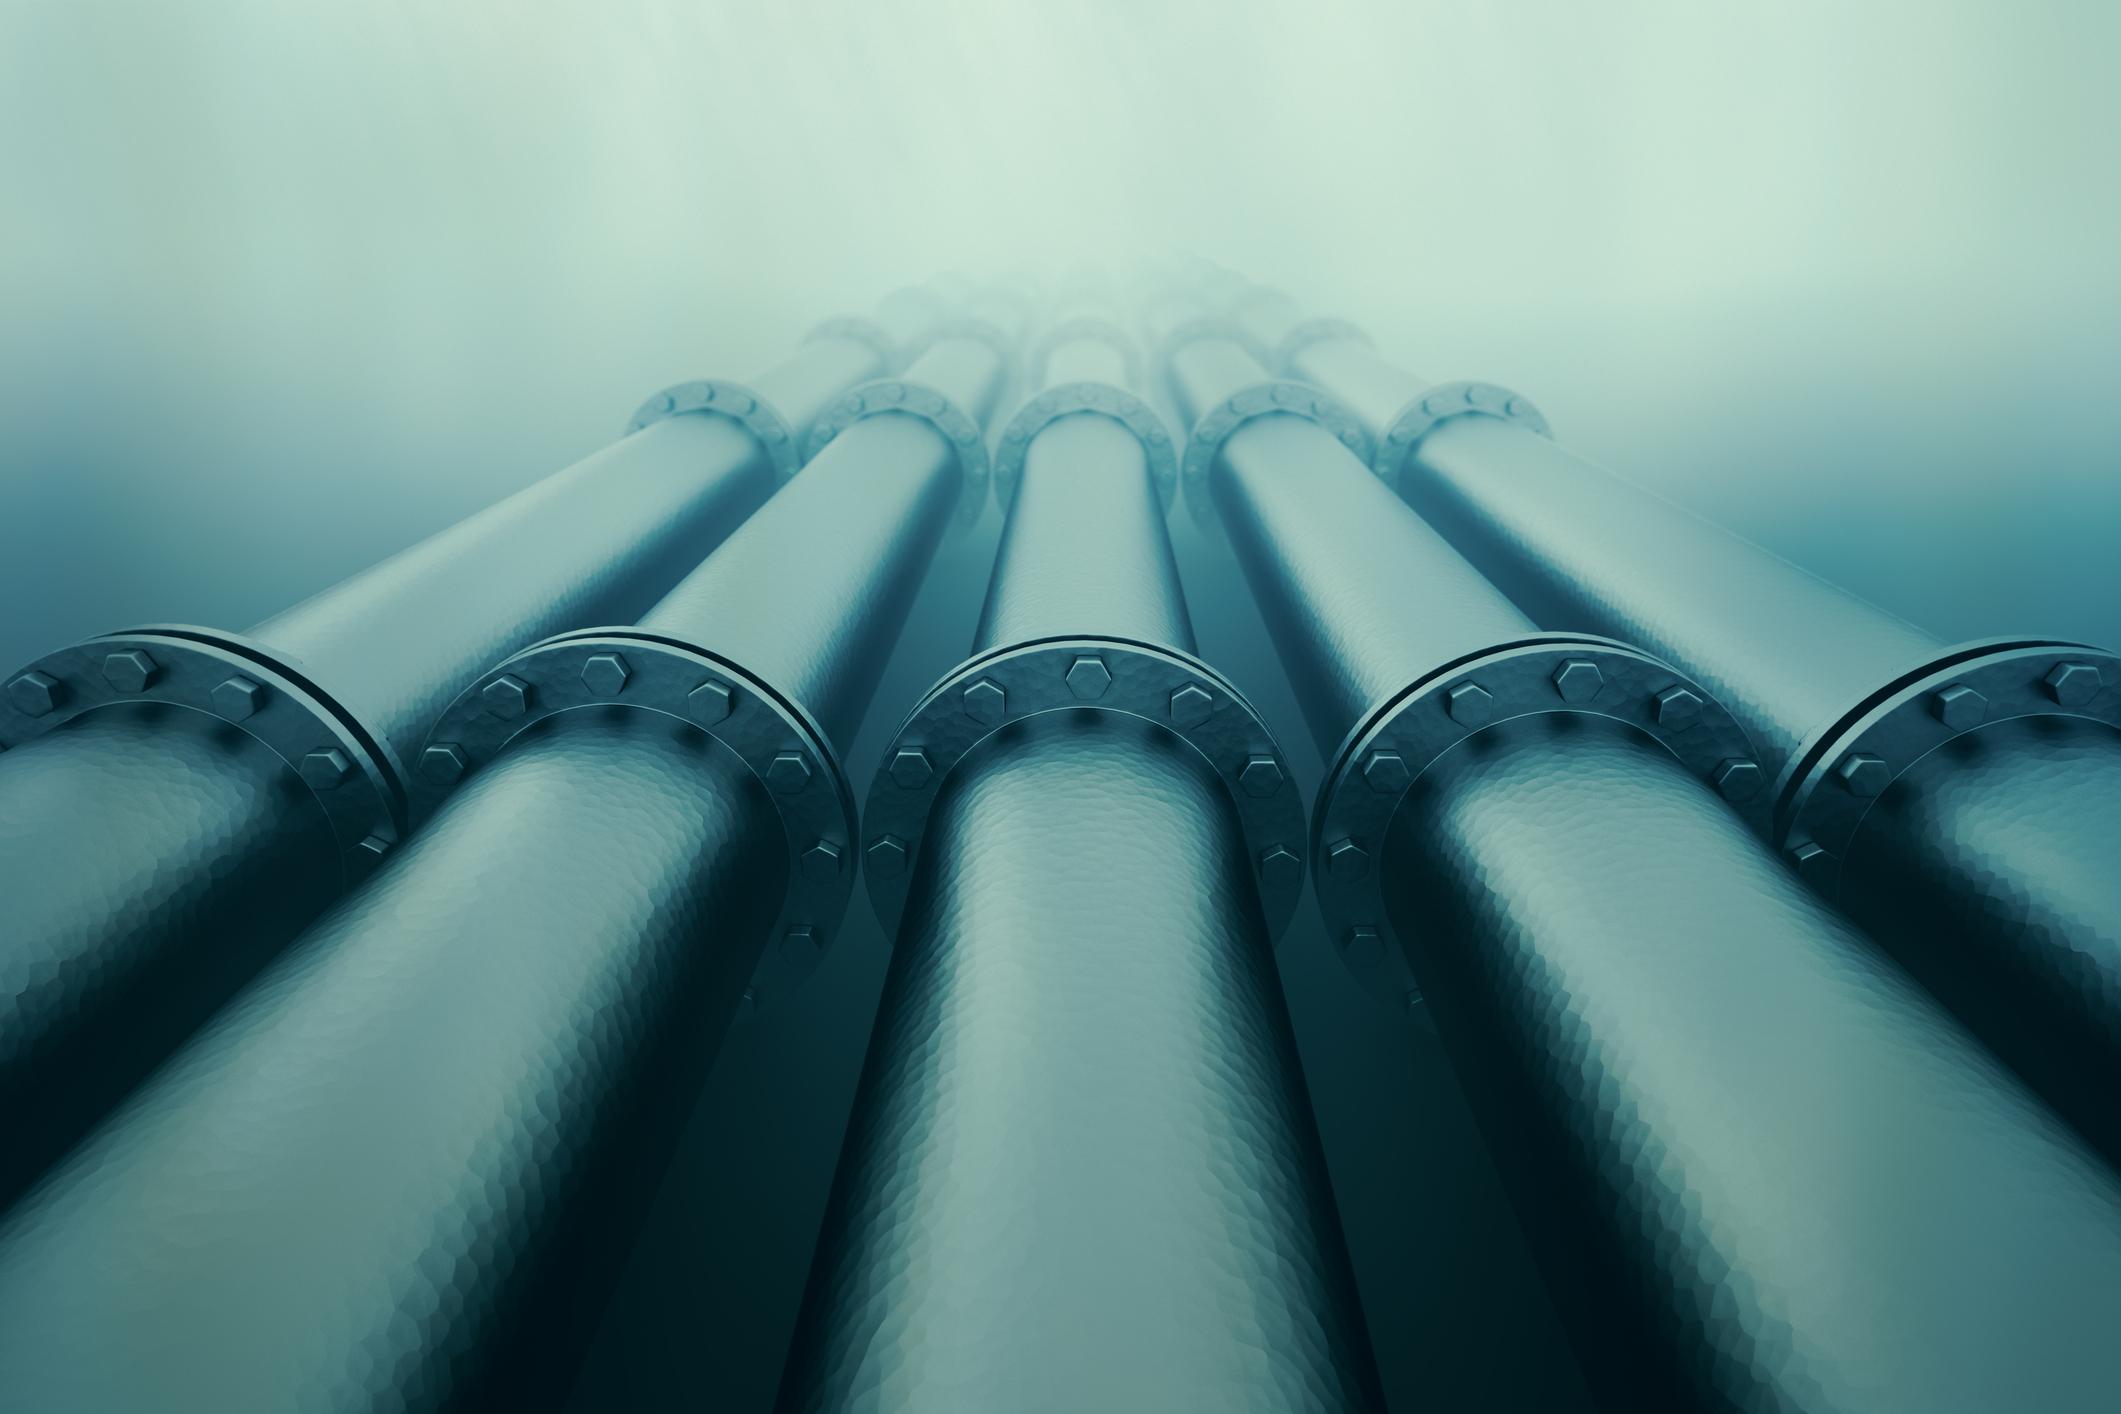 Five underwater pipelines